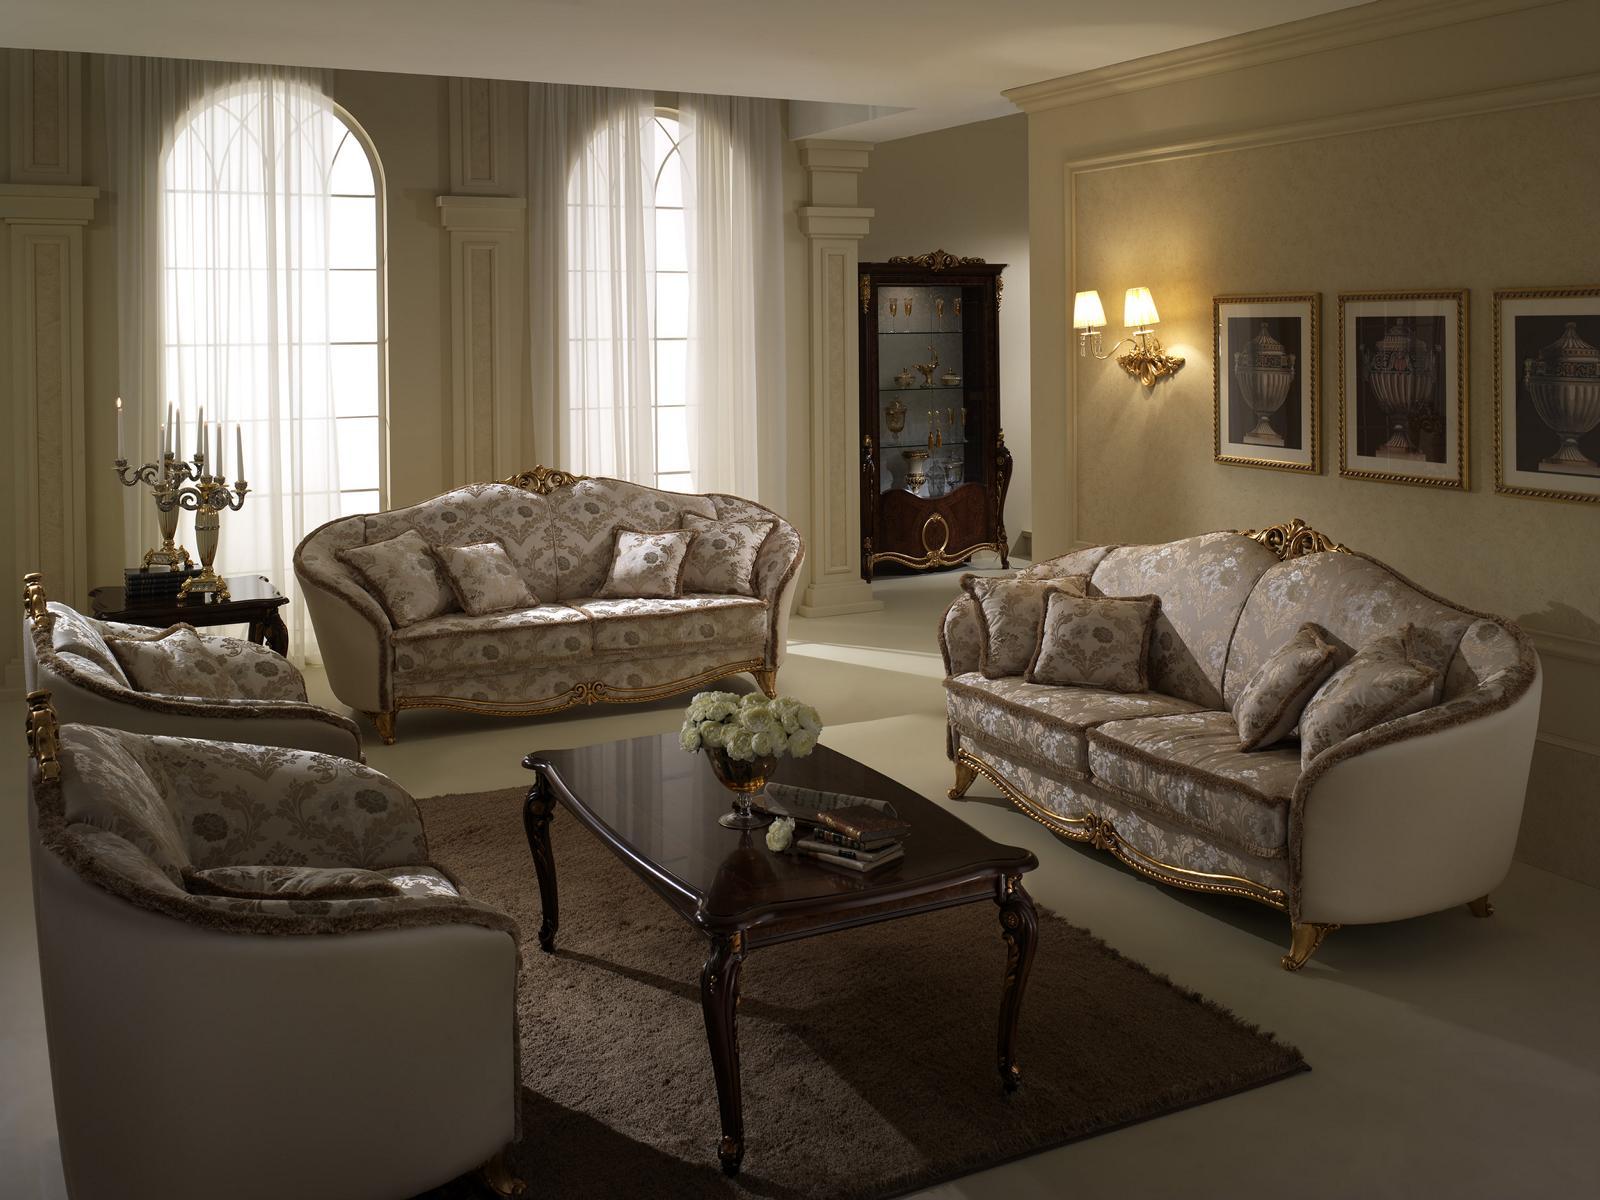 Luxus Klasse 3+2+1 Italienische Möbel Sofagarnitur Couch Sofa Neu arredoclassic™